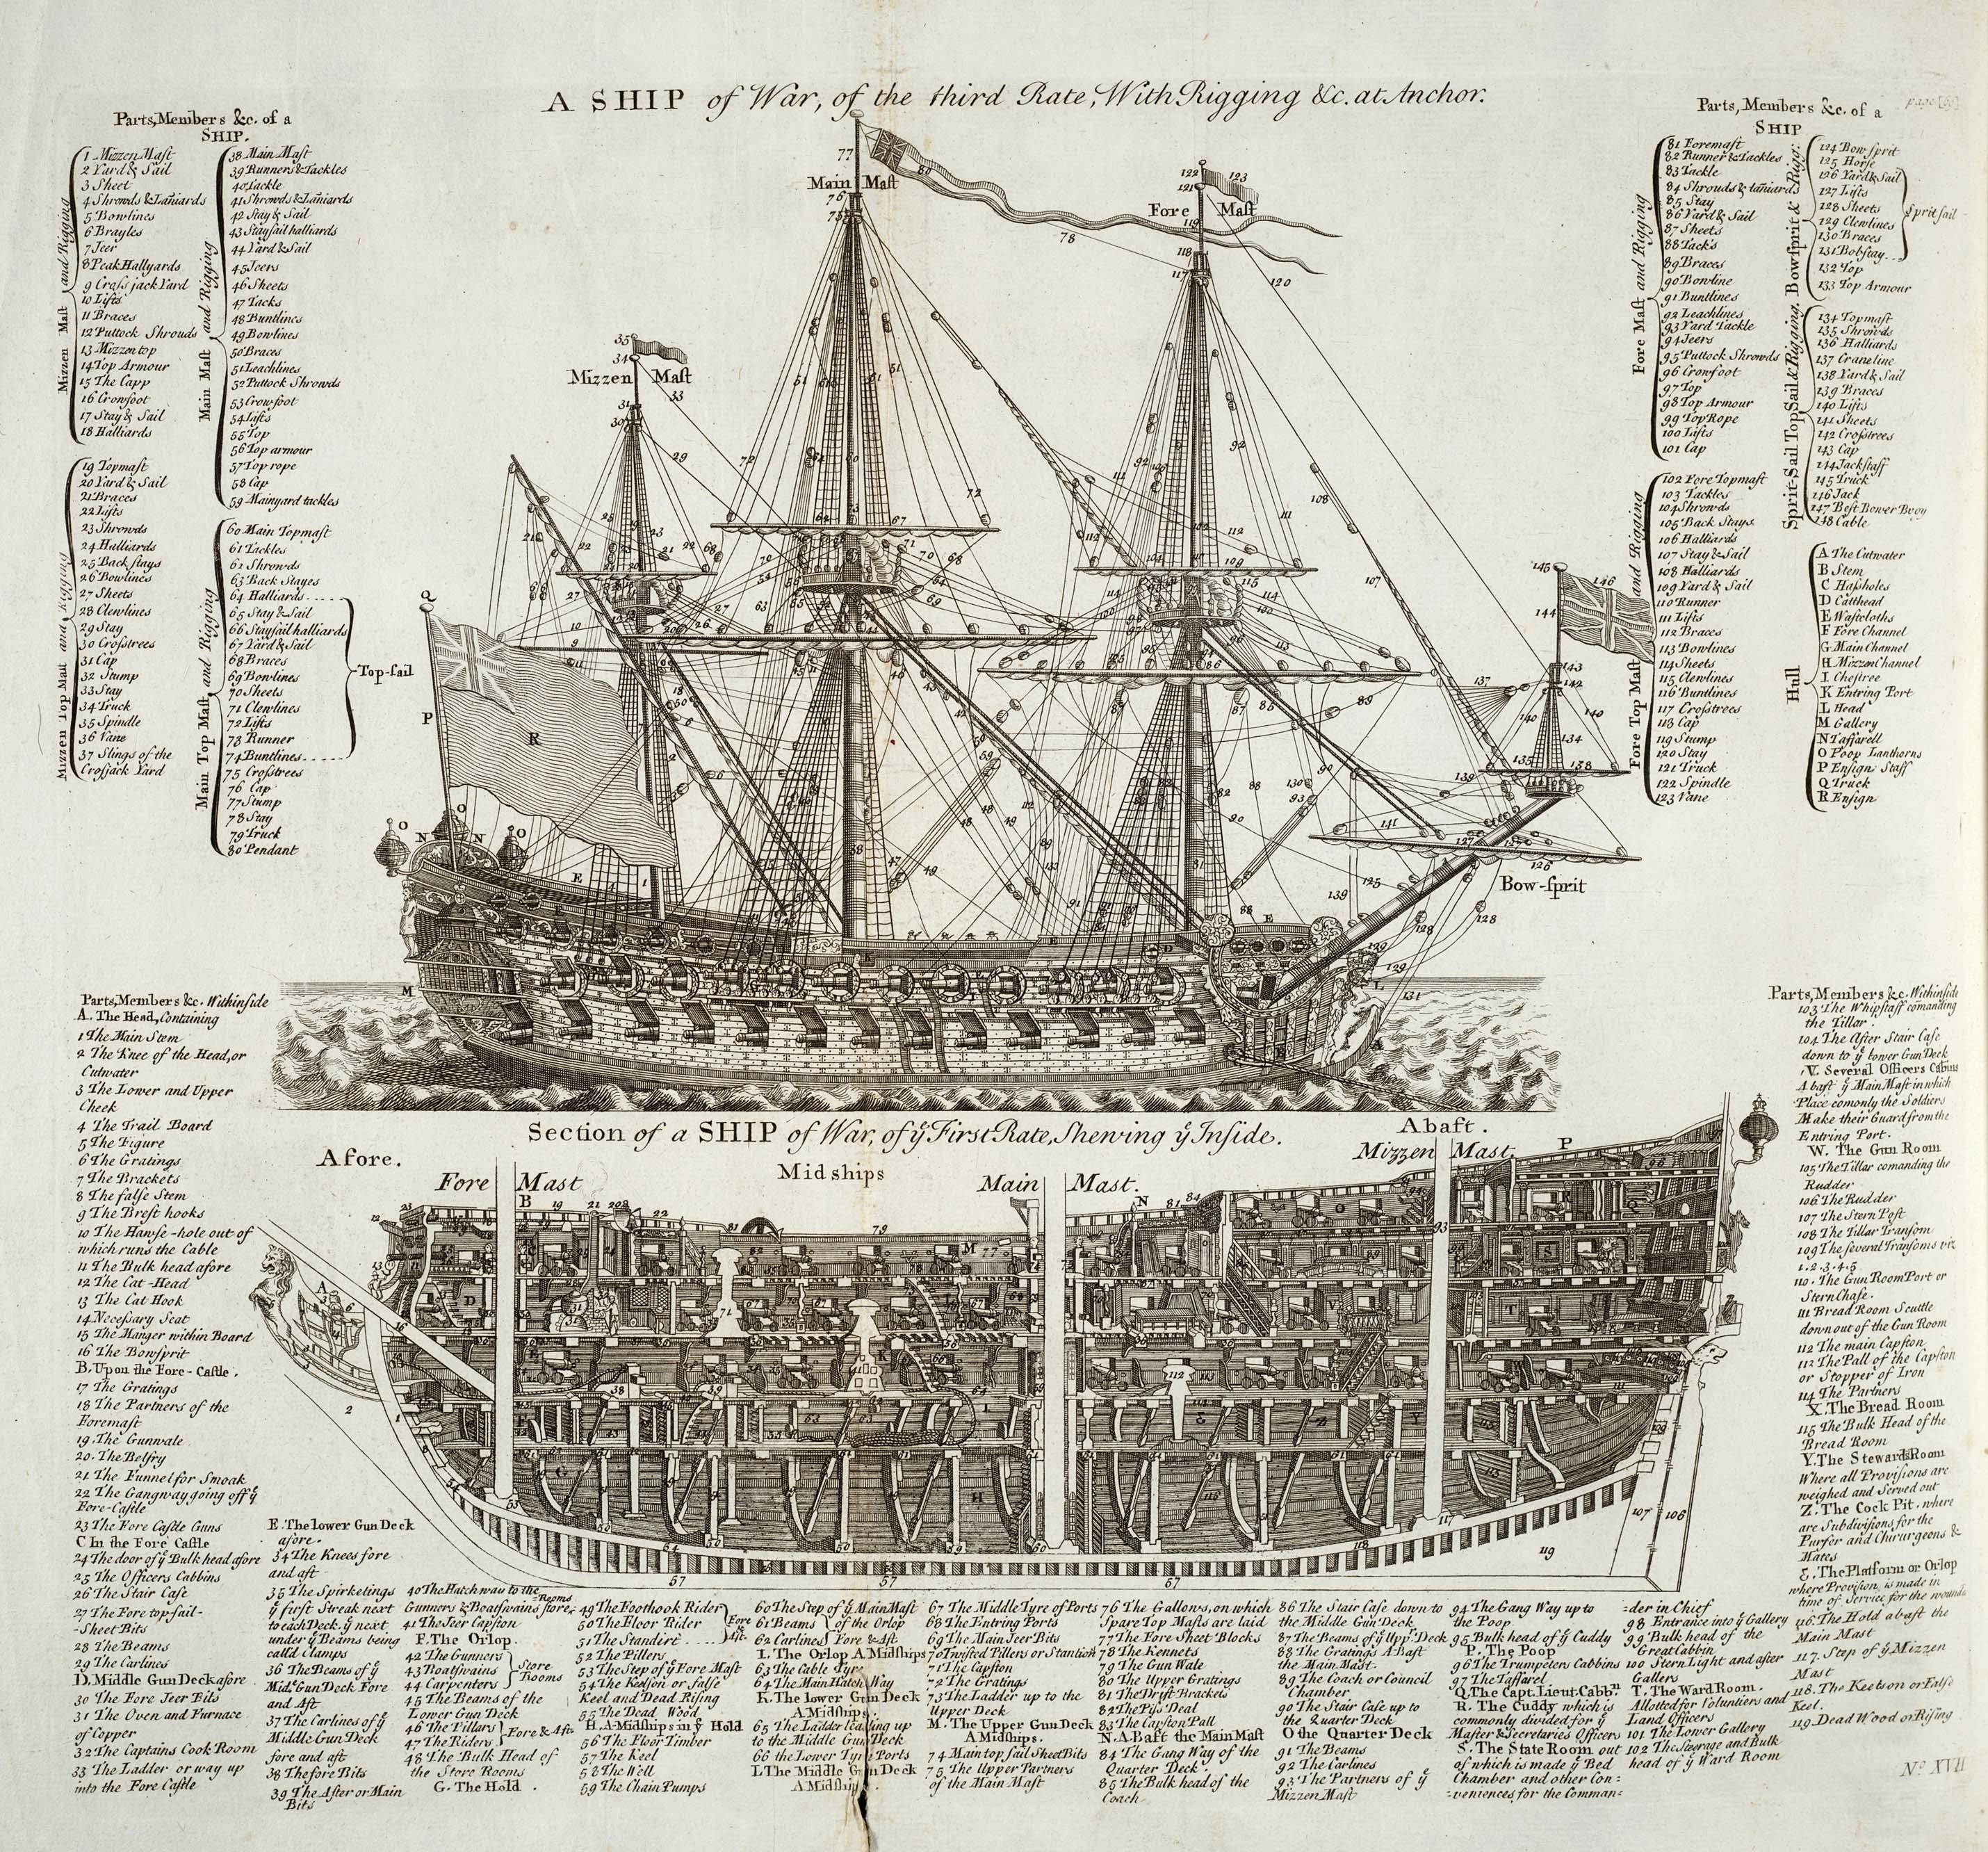 Warship Diagram